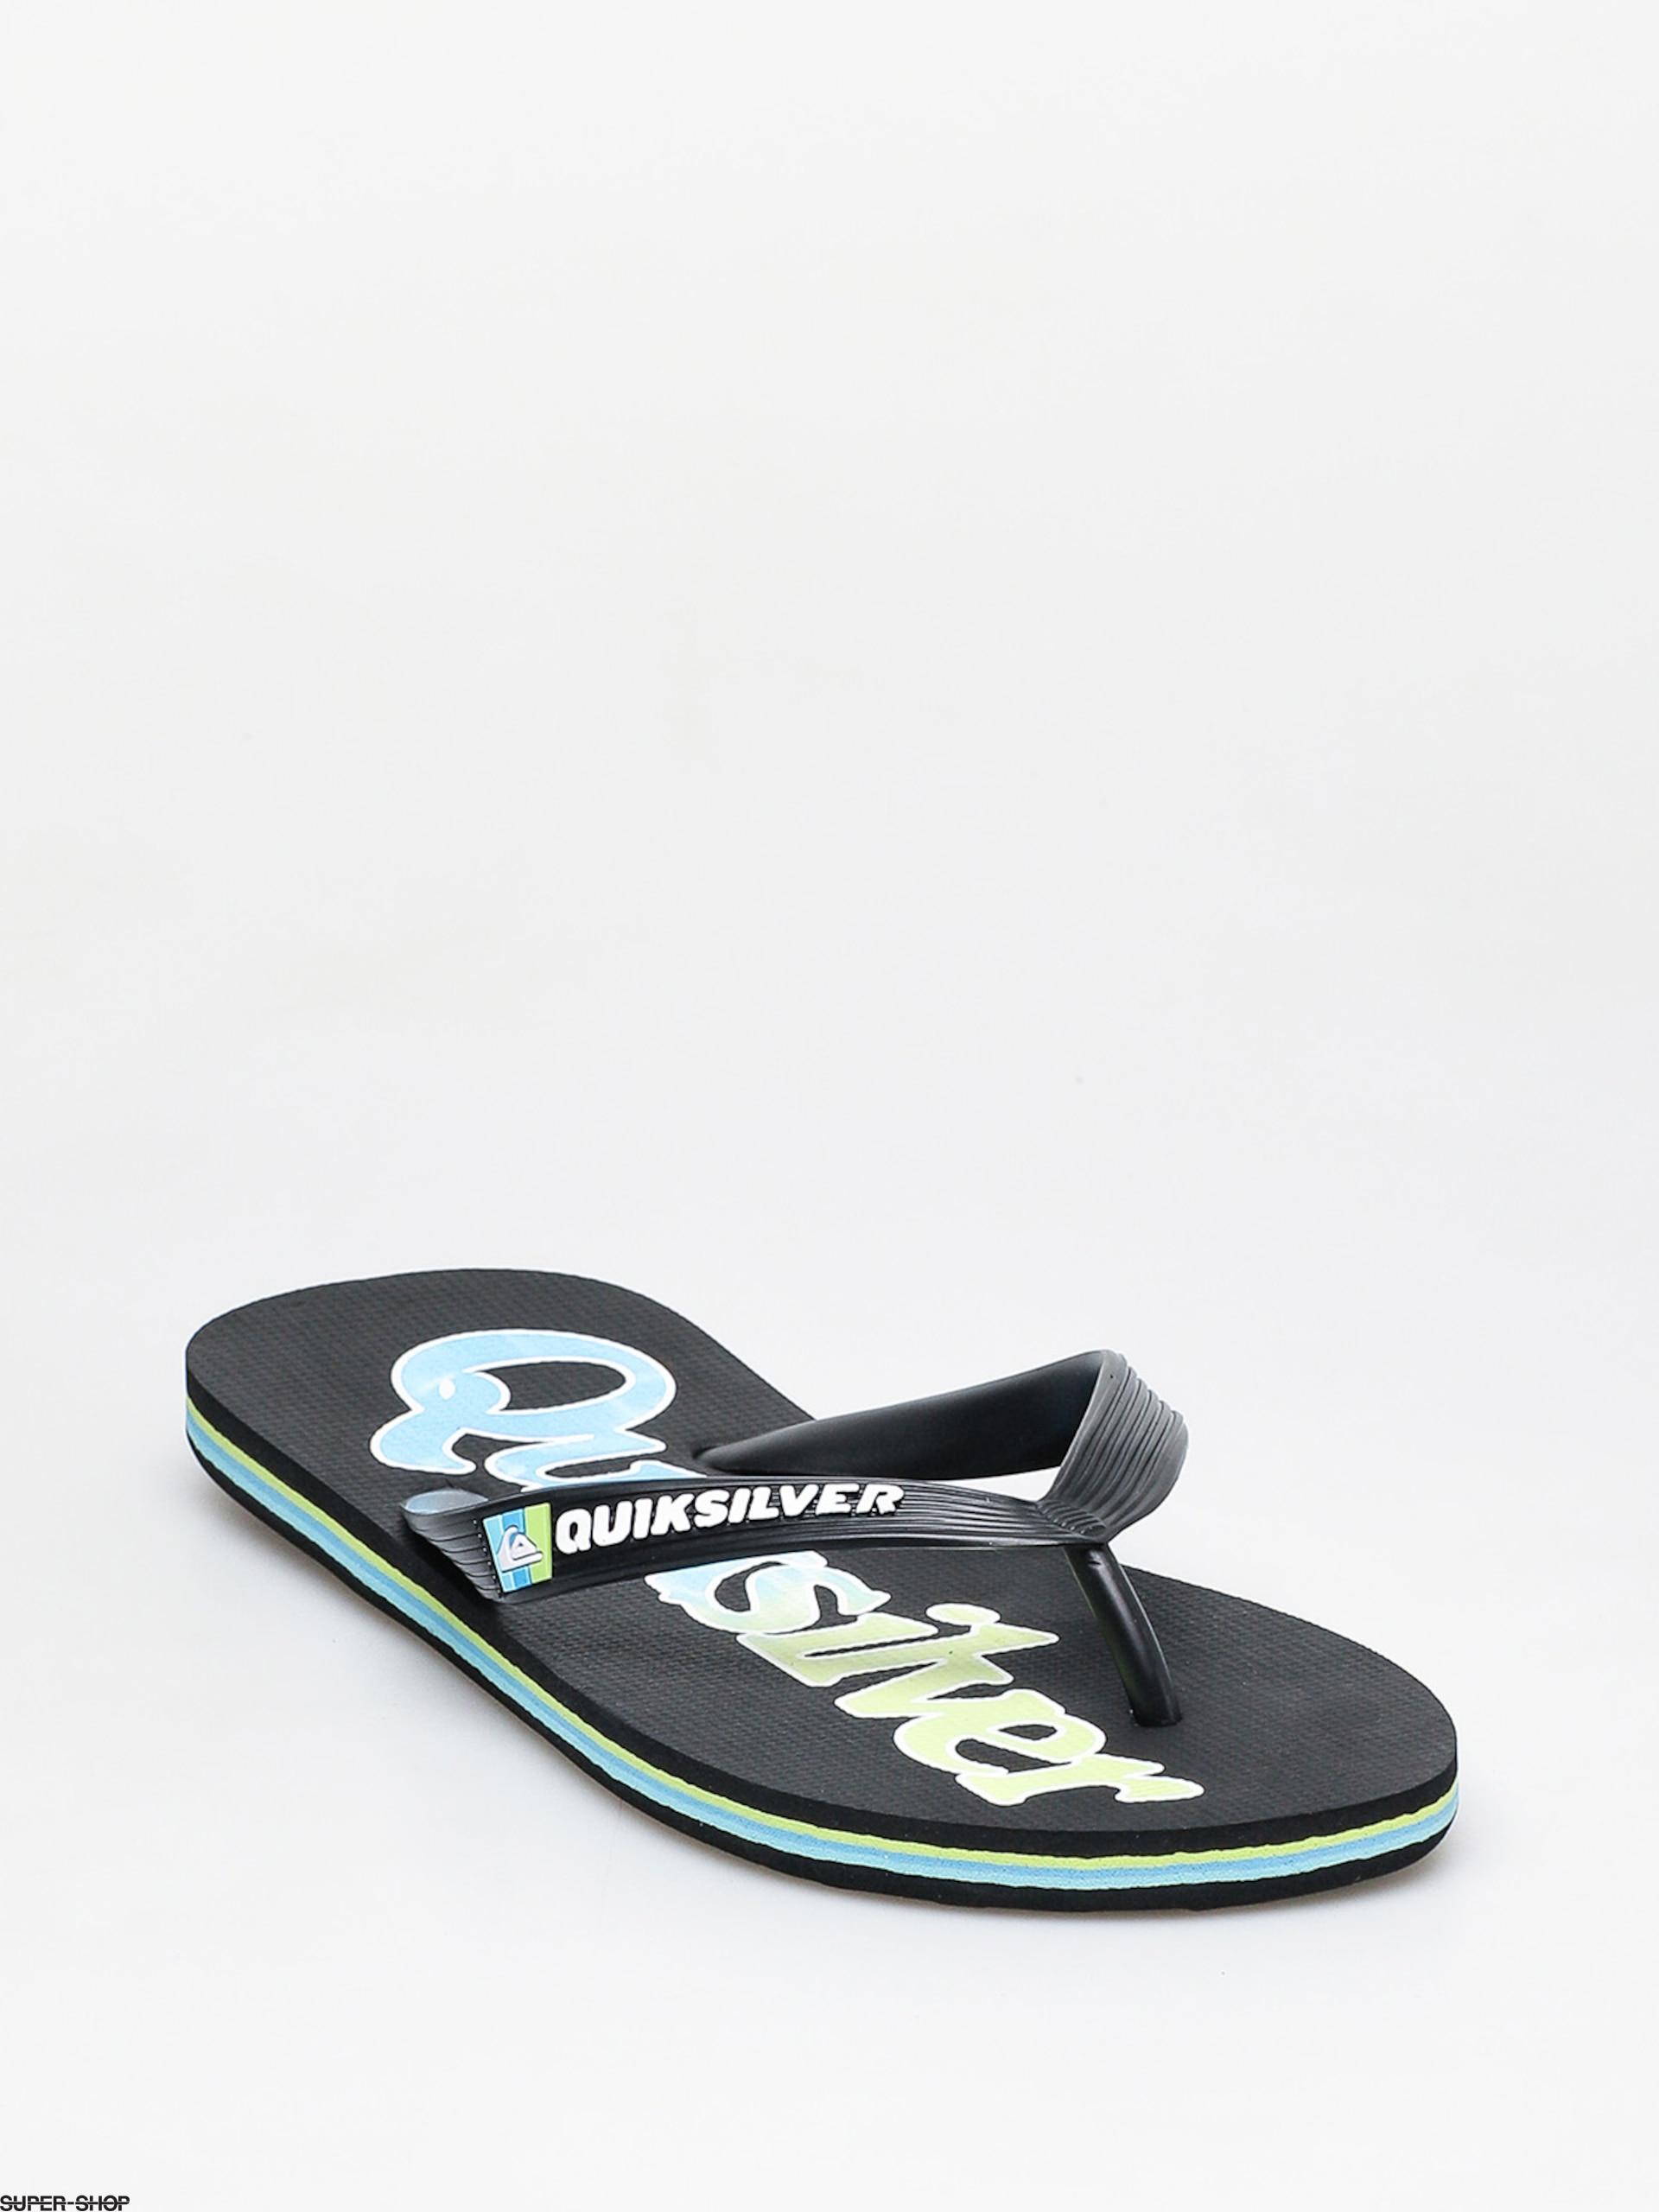 Blue BNWT Black Quiksilver NEW Molokai Wordmark Fineline Flip Flop Green